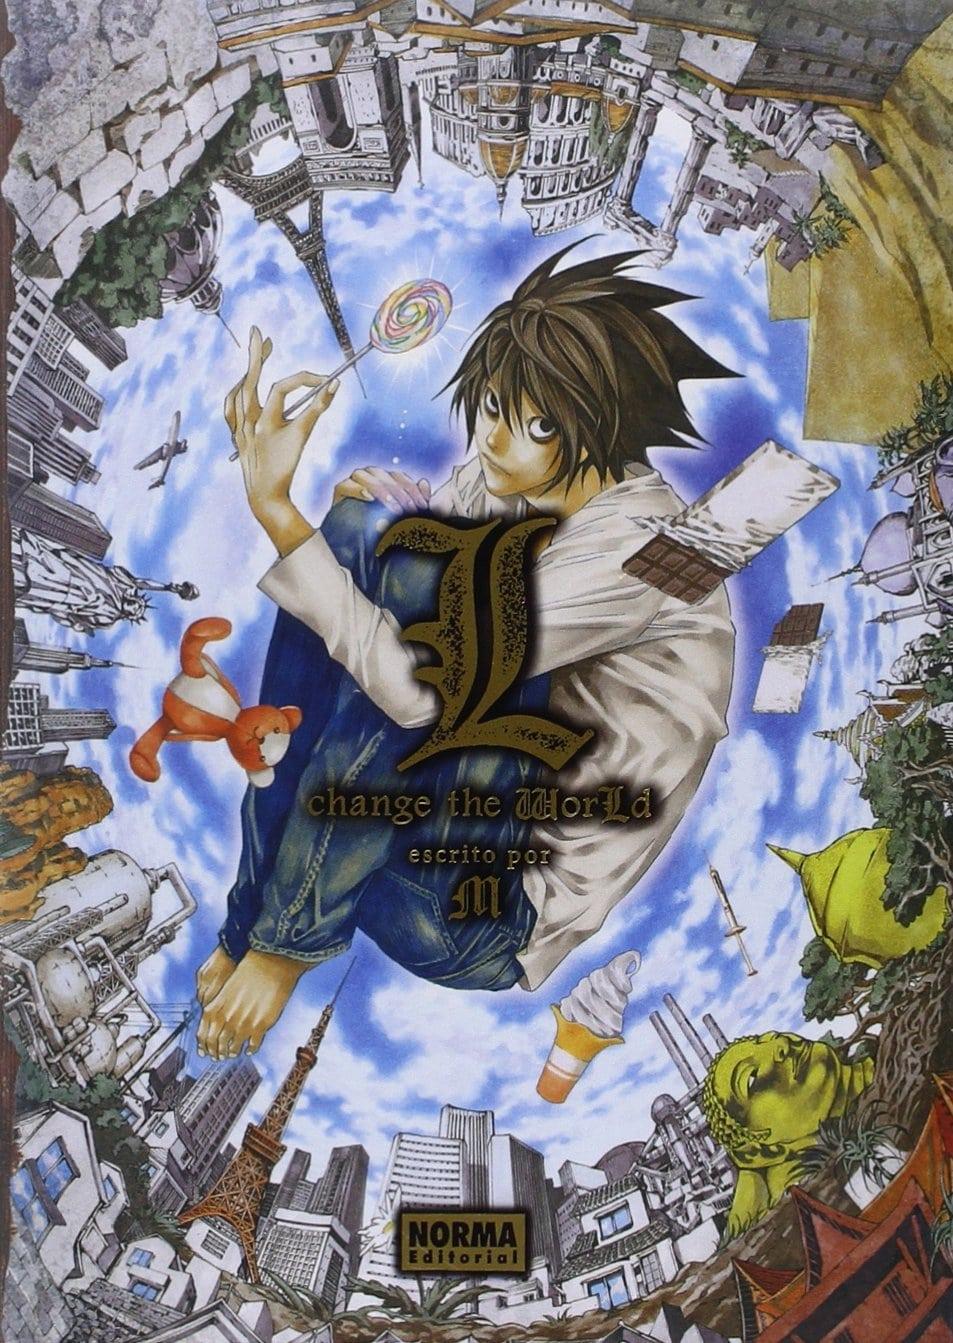 Todo sobre la novela ligera Death Note: L Change the World ✅ Encuentra dónde comprarla en español ⭐ La segunda light novel más vendida en Japón en 2008